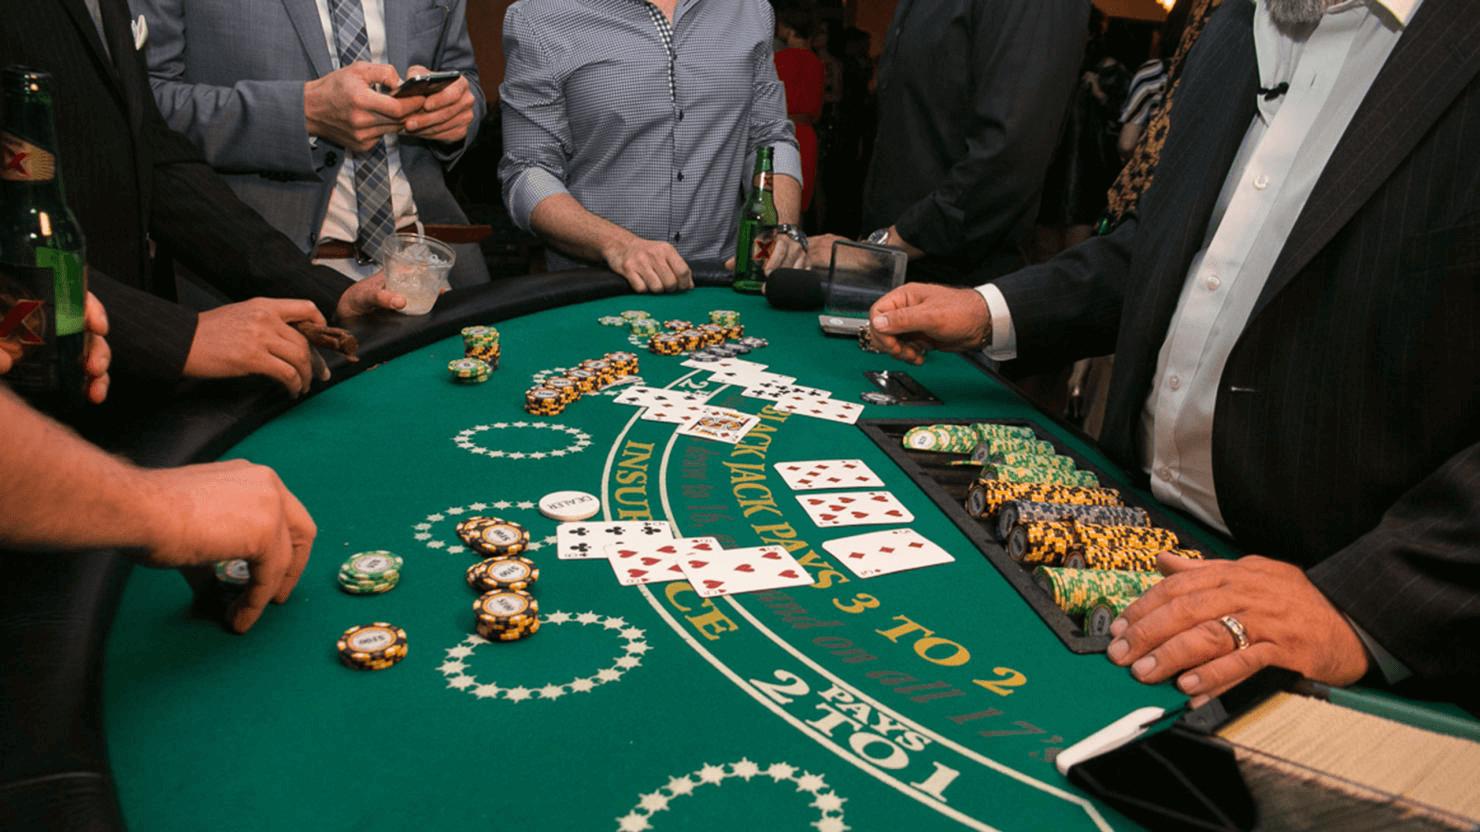 Online blackjack rules image